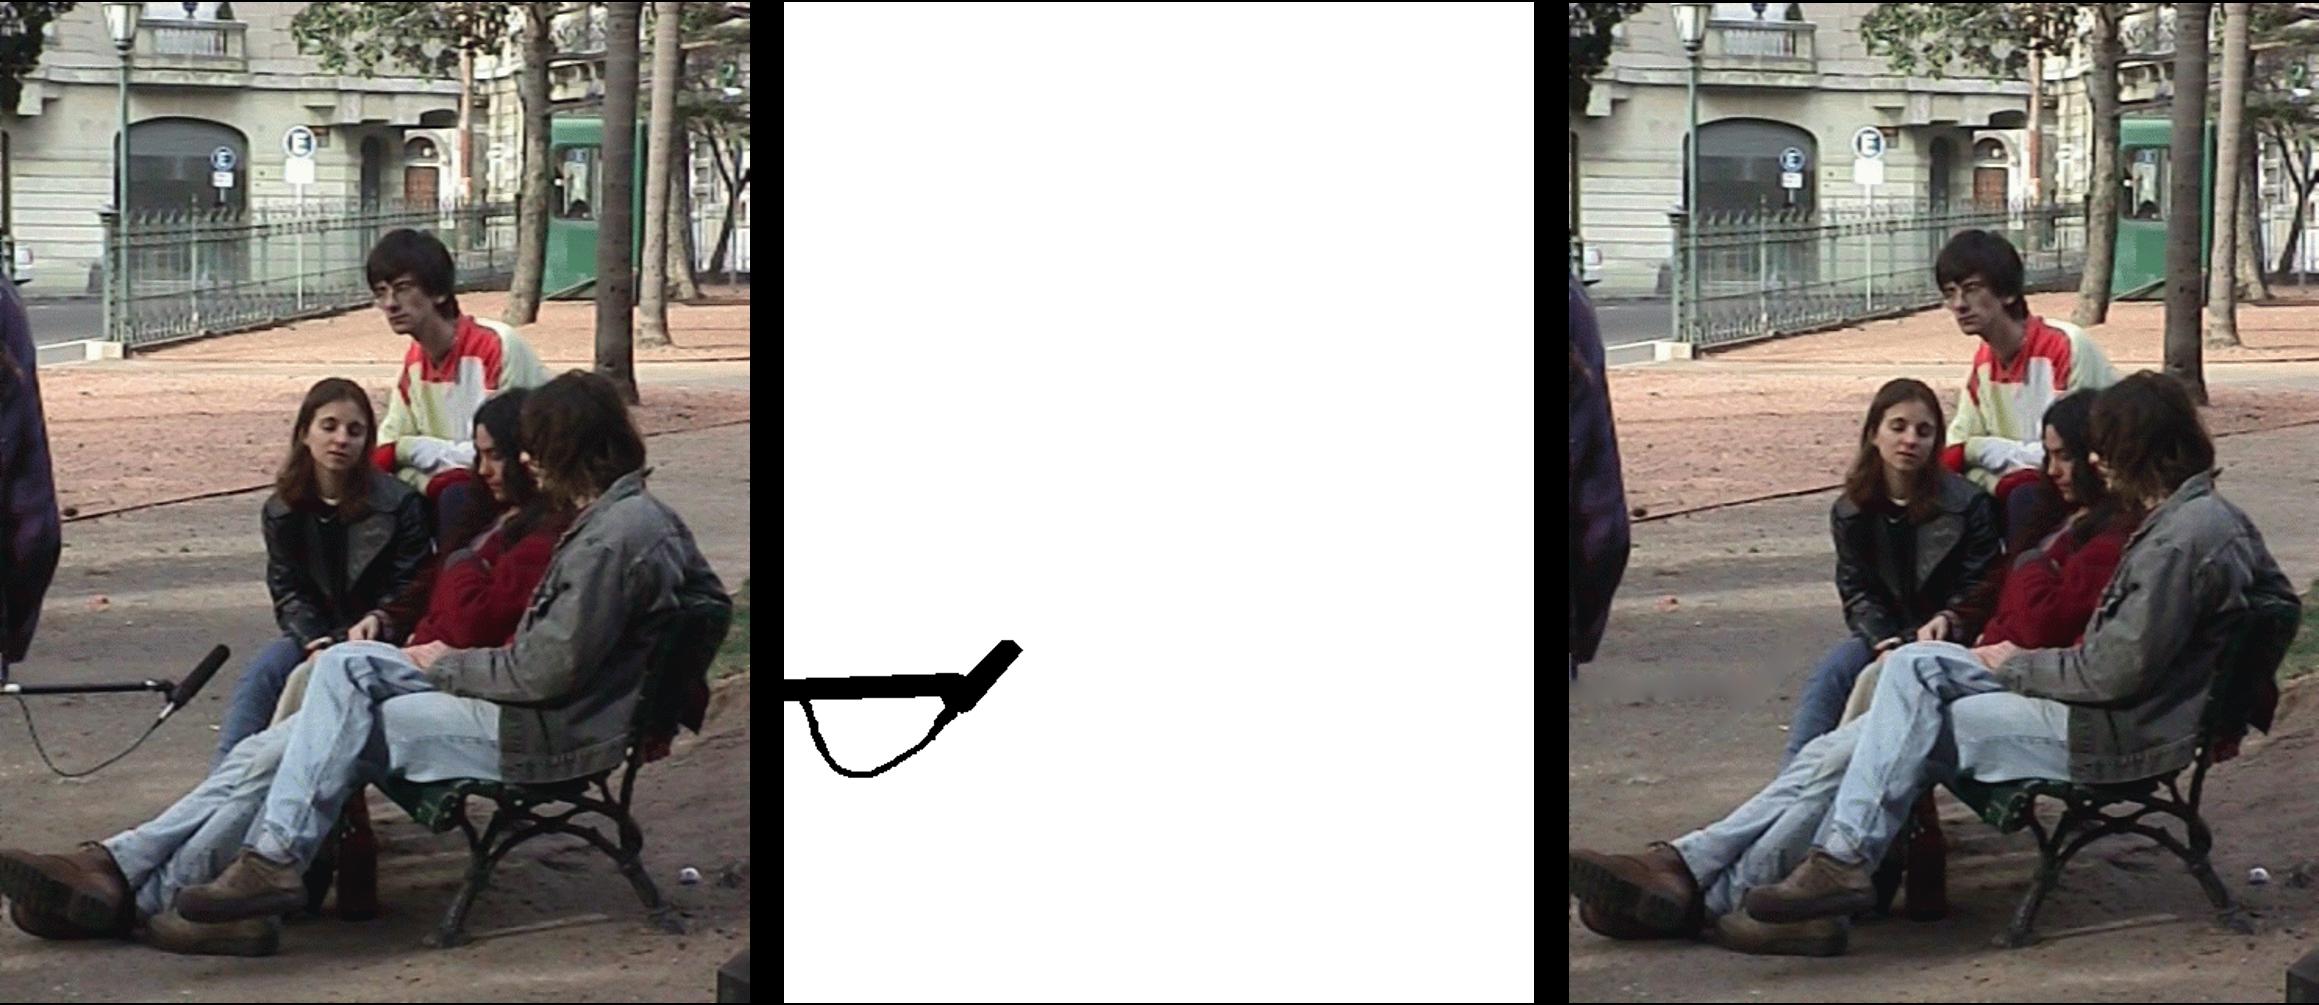 example_4